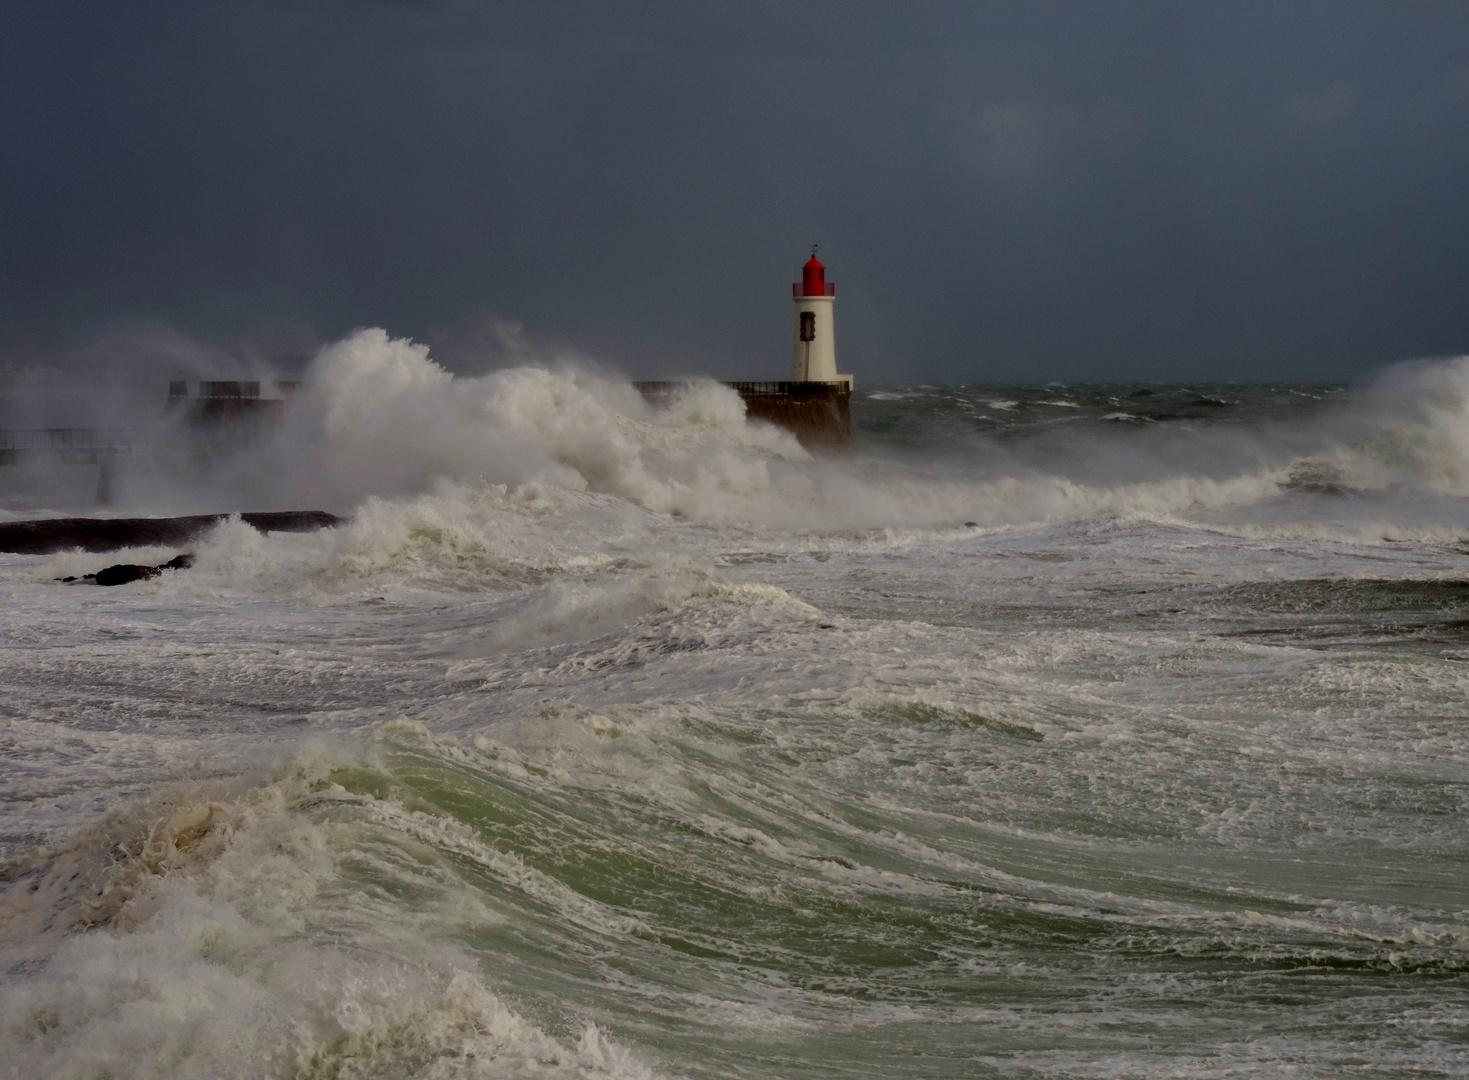 Stormy weather ...